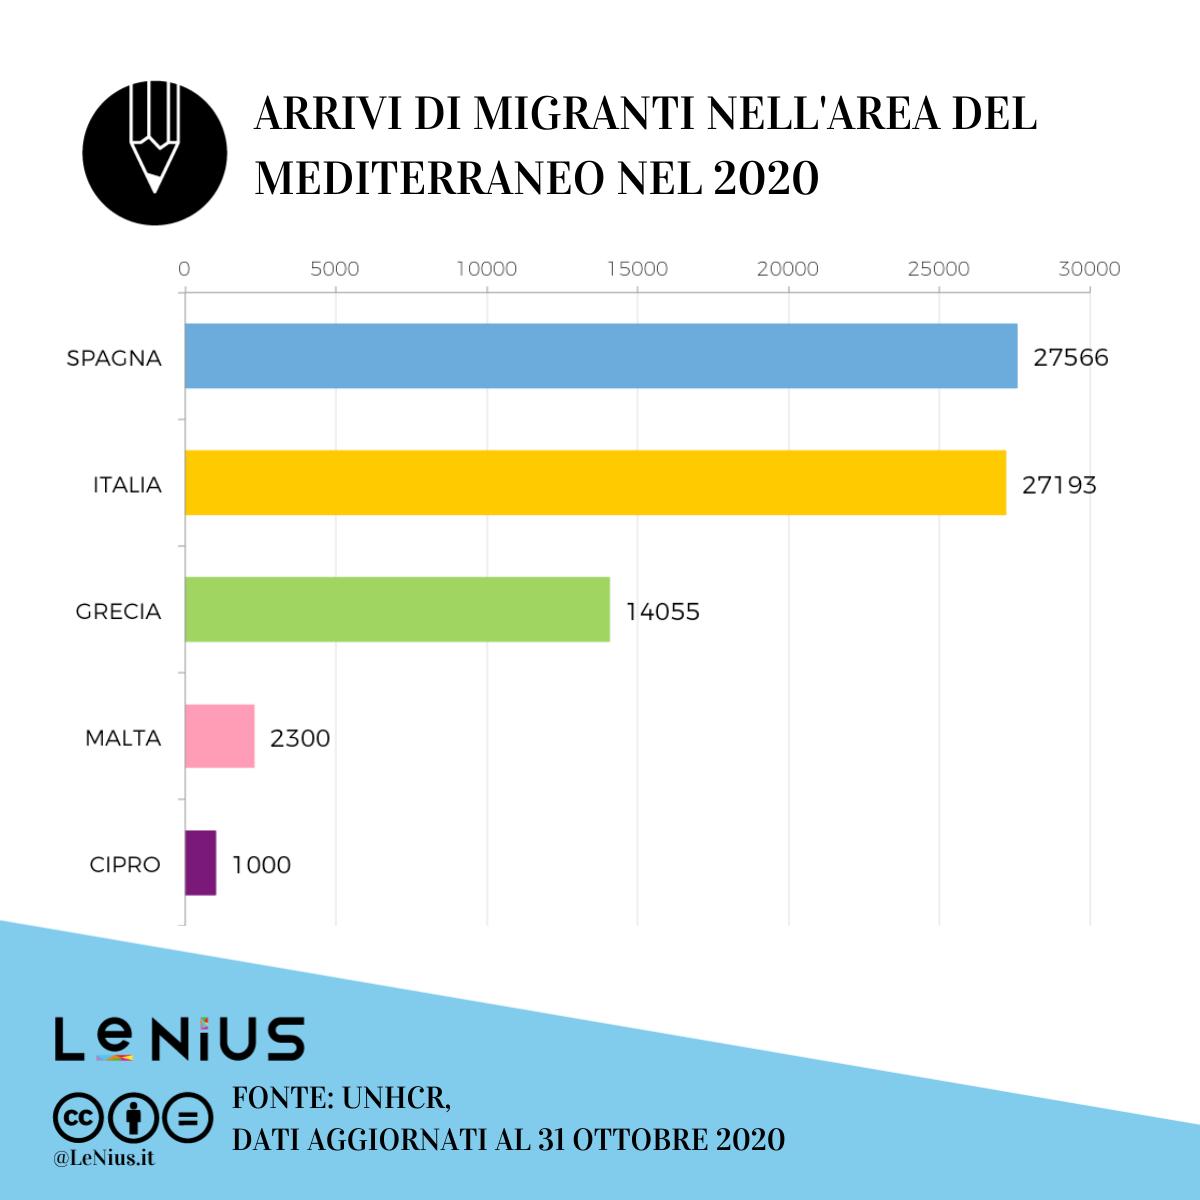 arrivi europa 2020